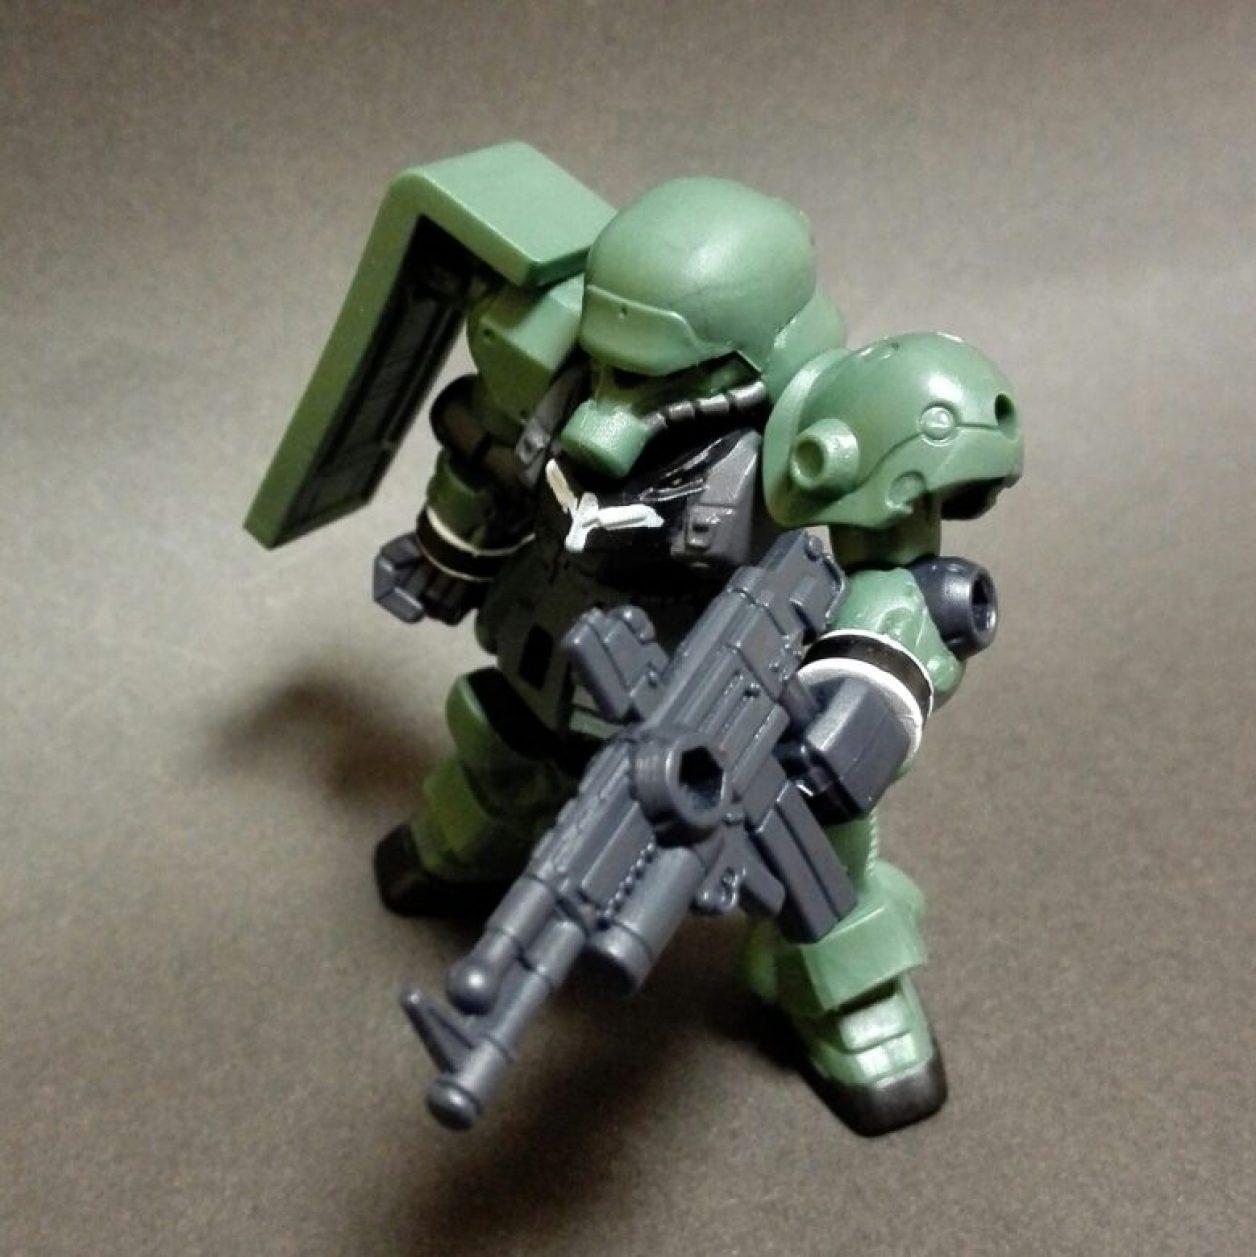 MOBILE SUIT ENSEMBLE(モビルスーツアンサンブル)第10弾のギラ・ズールに初期武装のビーム・マシンガンとシールドを装備させた画像